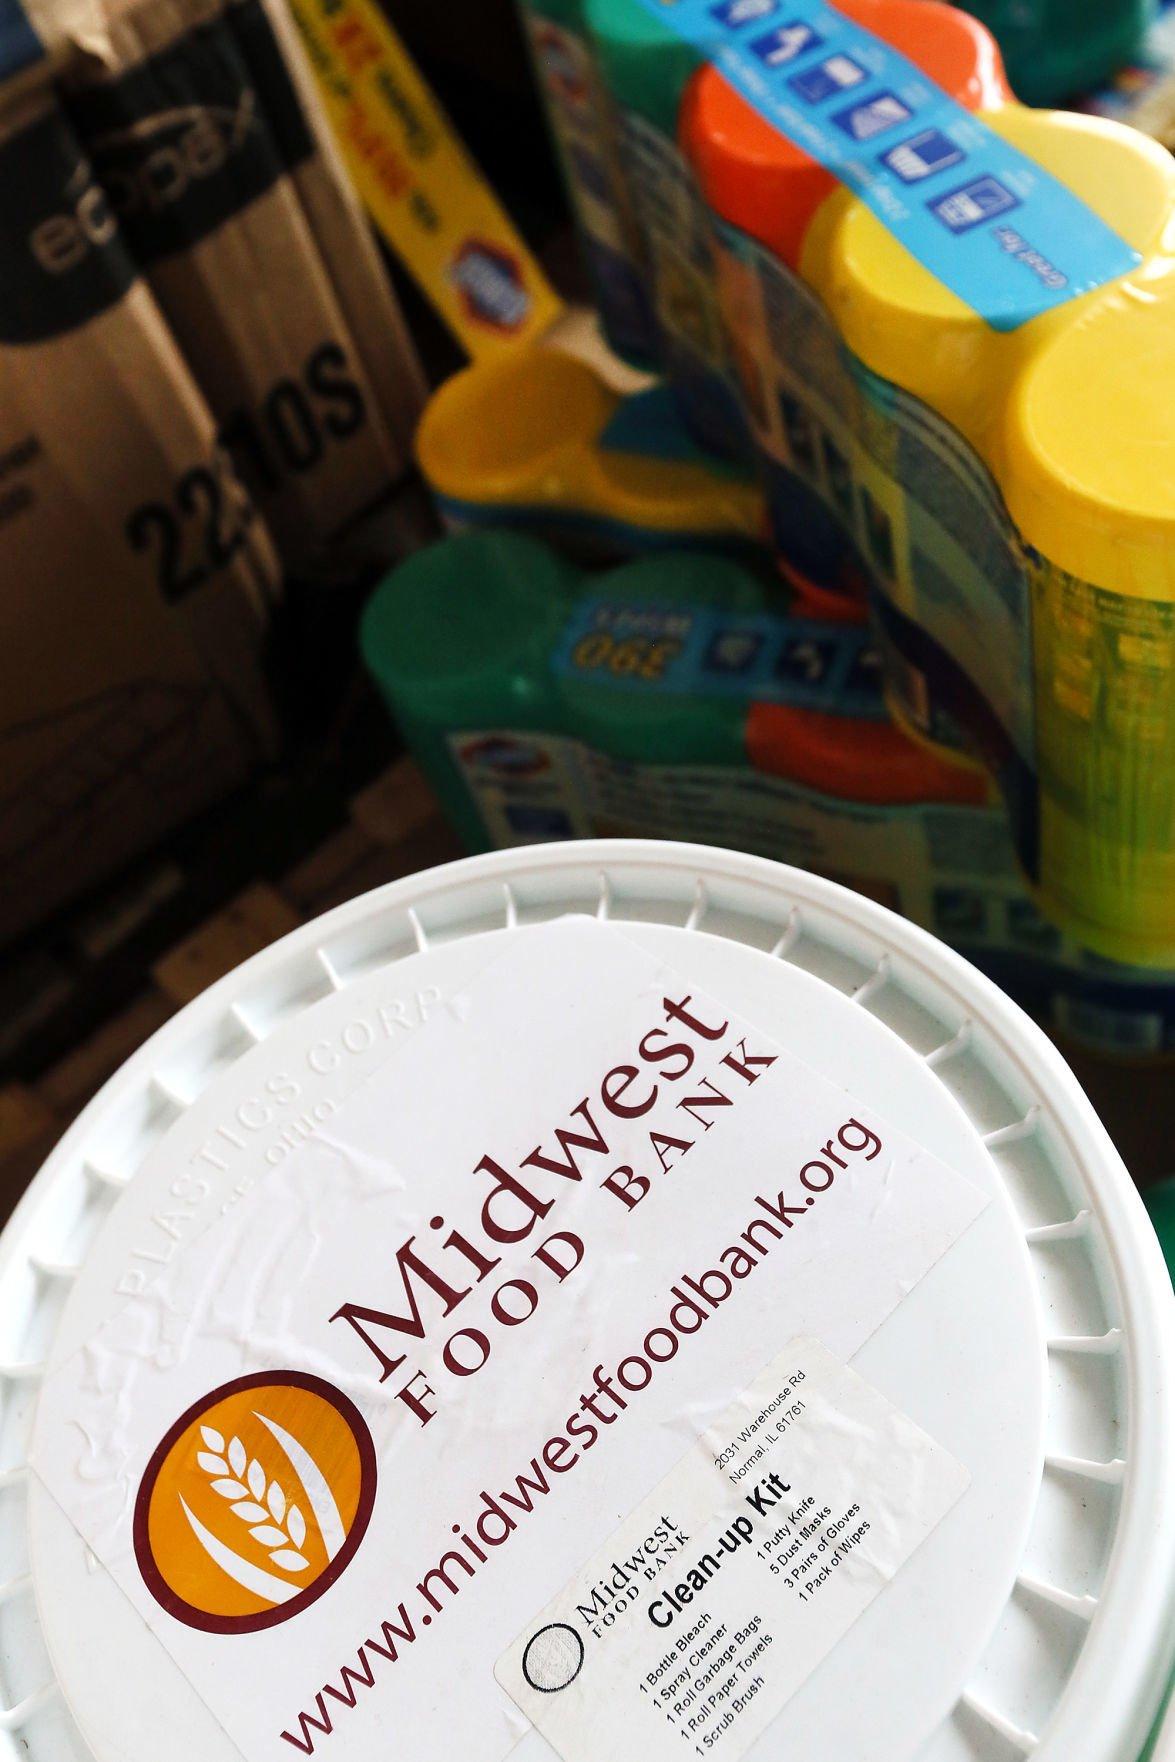 070119-qct-qca-flooddonations-003